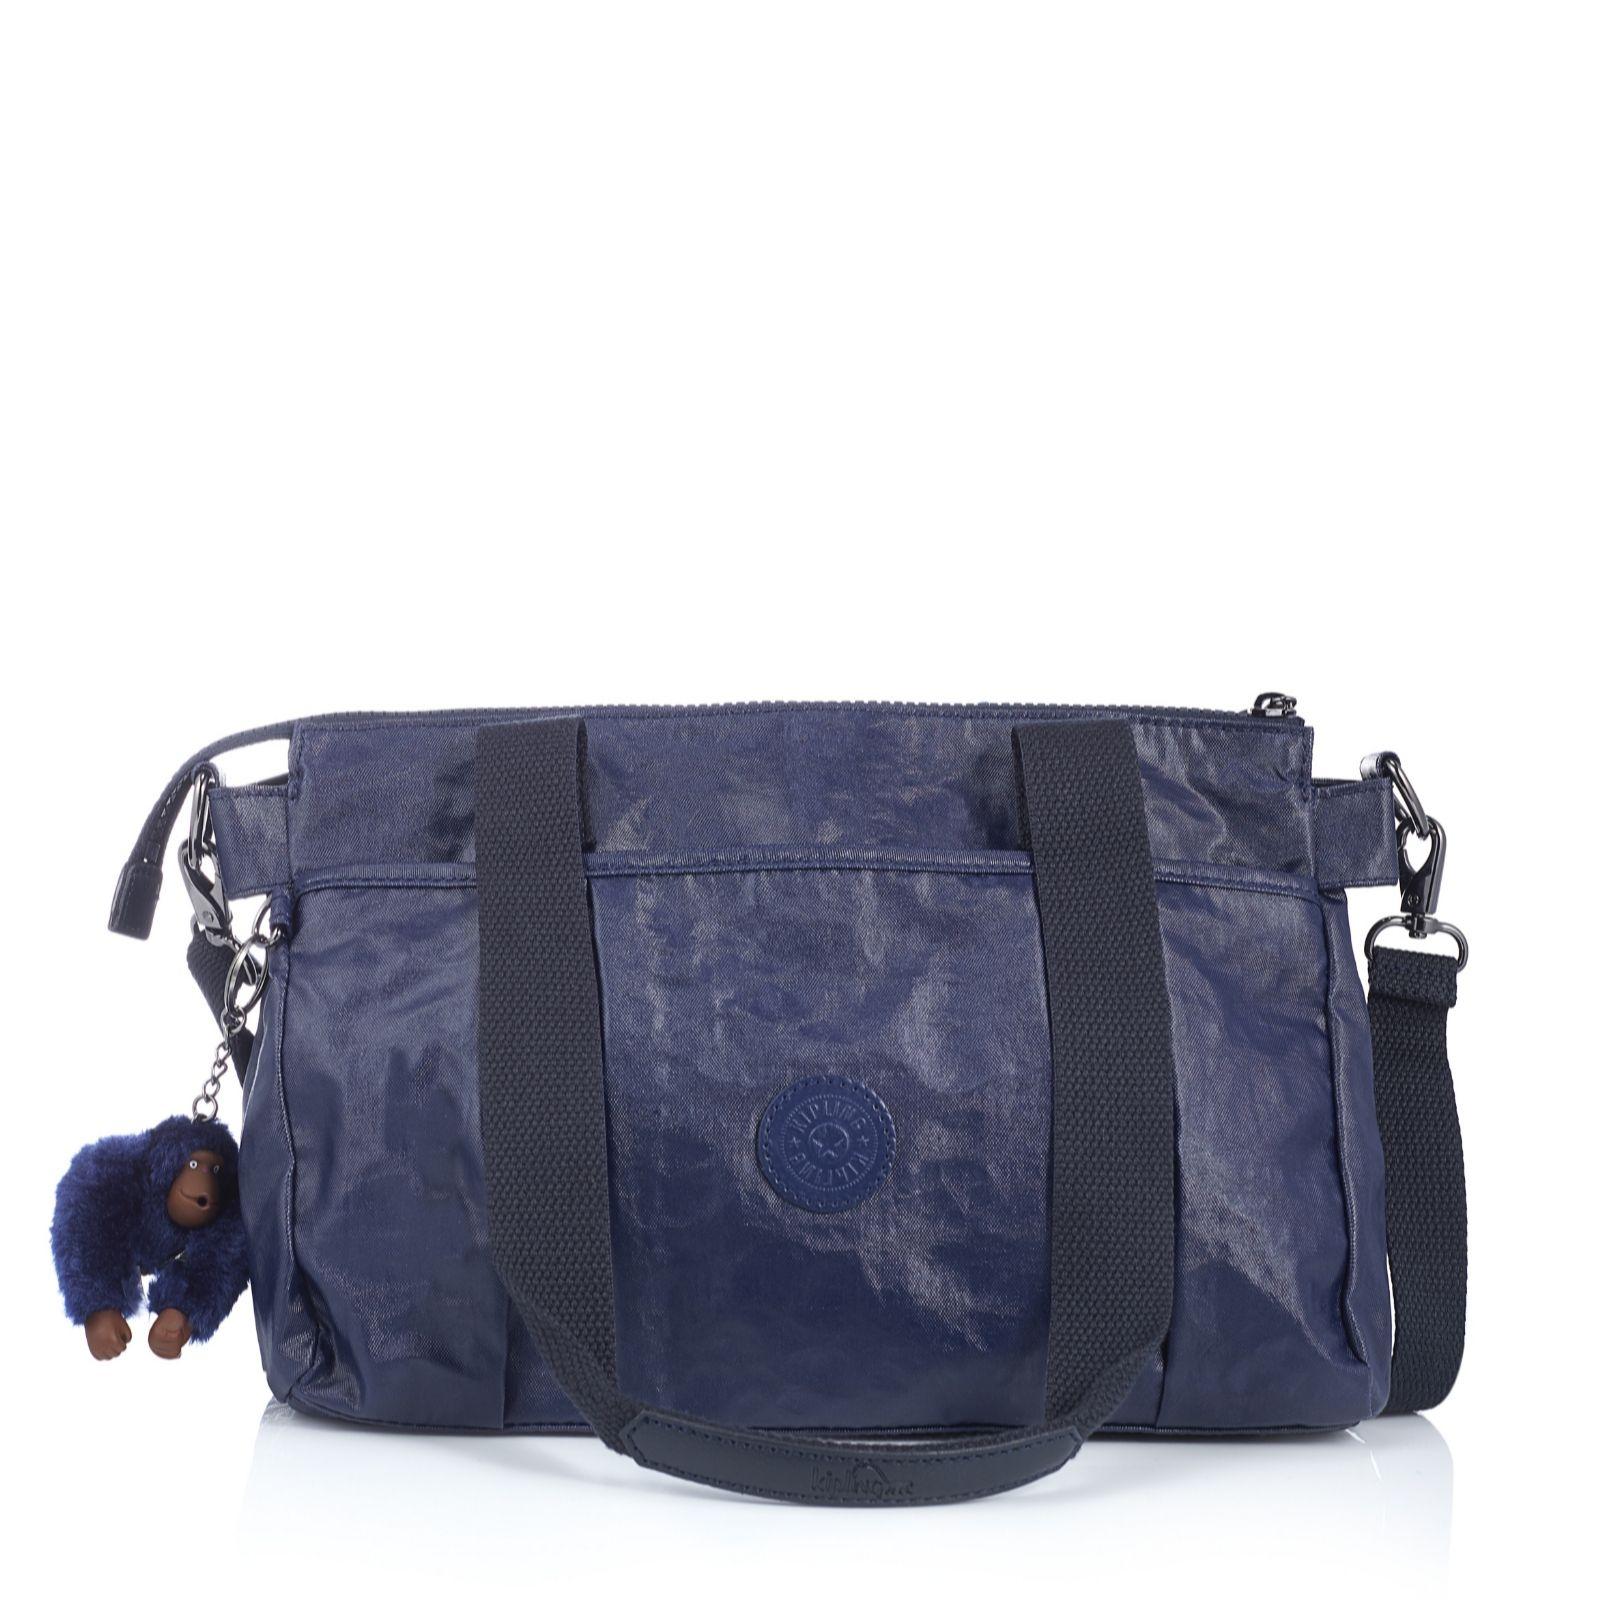 3410752a00e3 ... Black Friday Michael Kors Stockard Shoulder Medium Brown Satchels Deals  Kipling Divna Premium Medium Zip Top Double Handled Shoulder Bag - 160933  ...